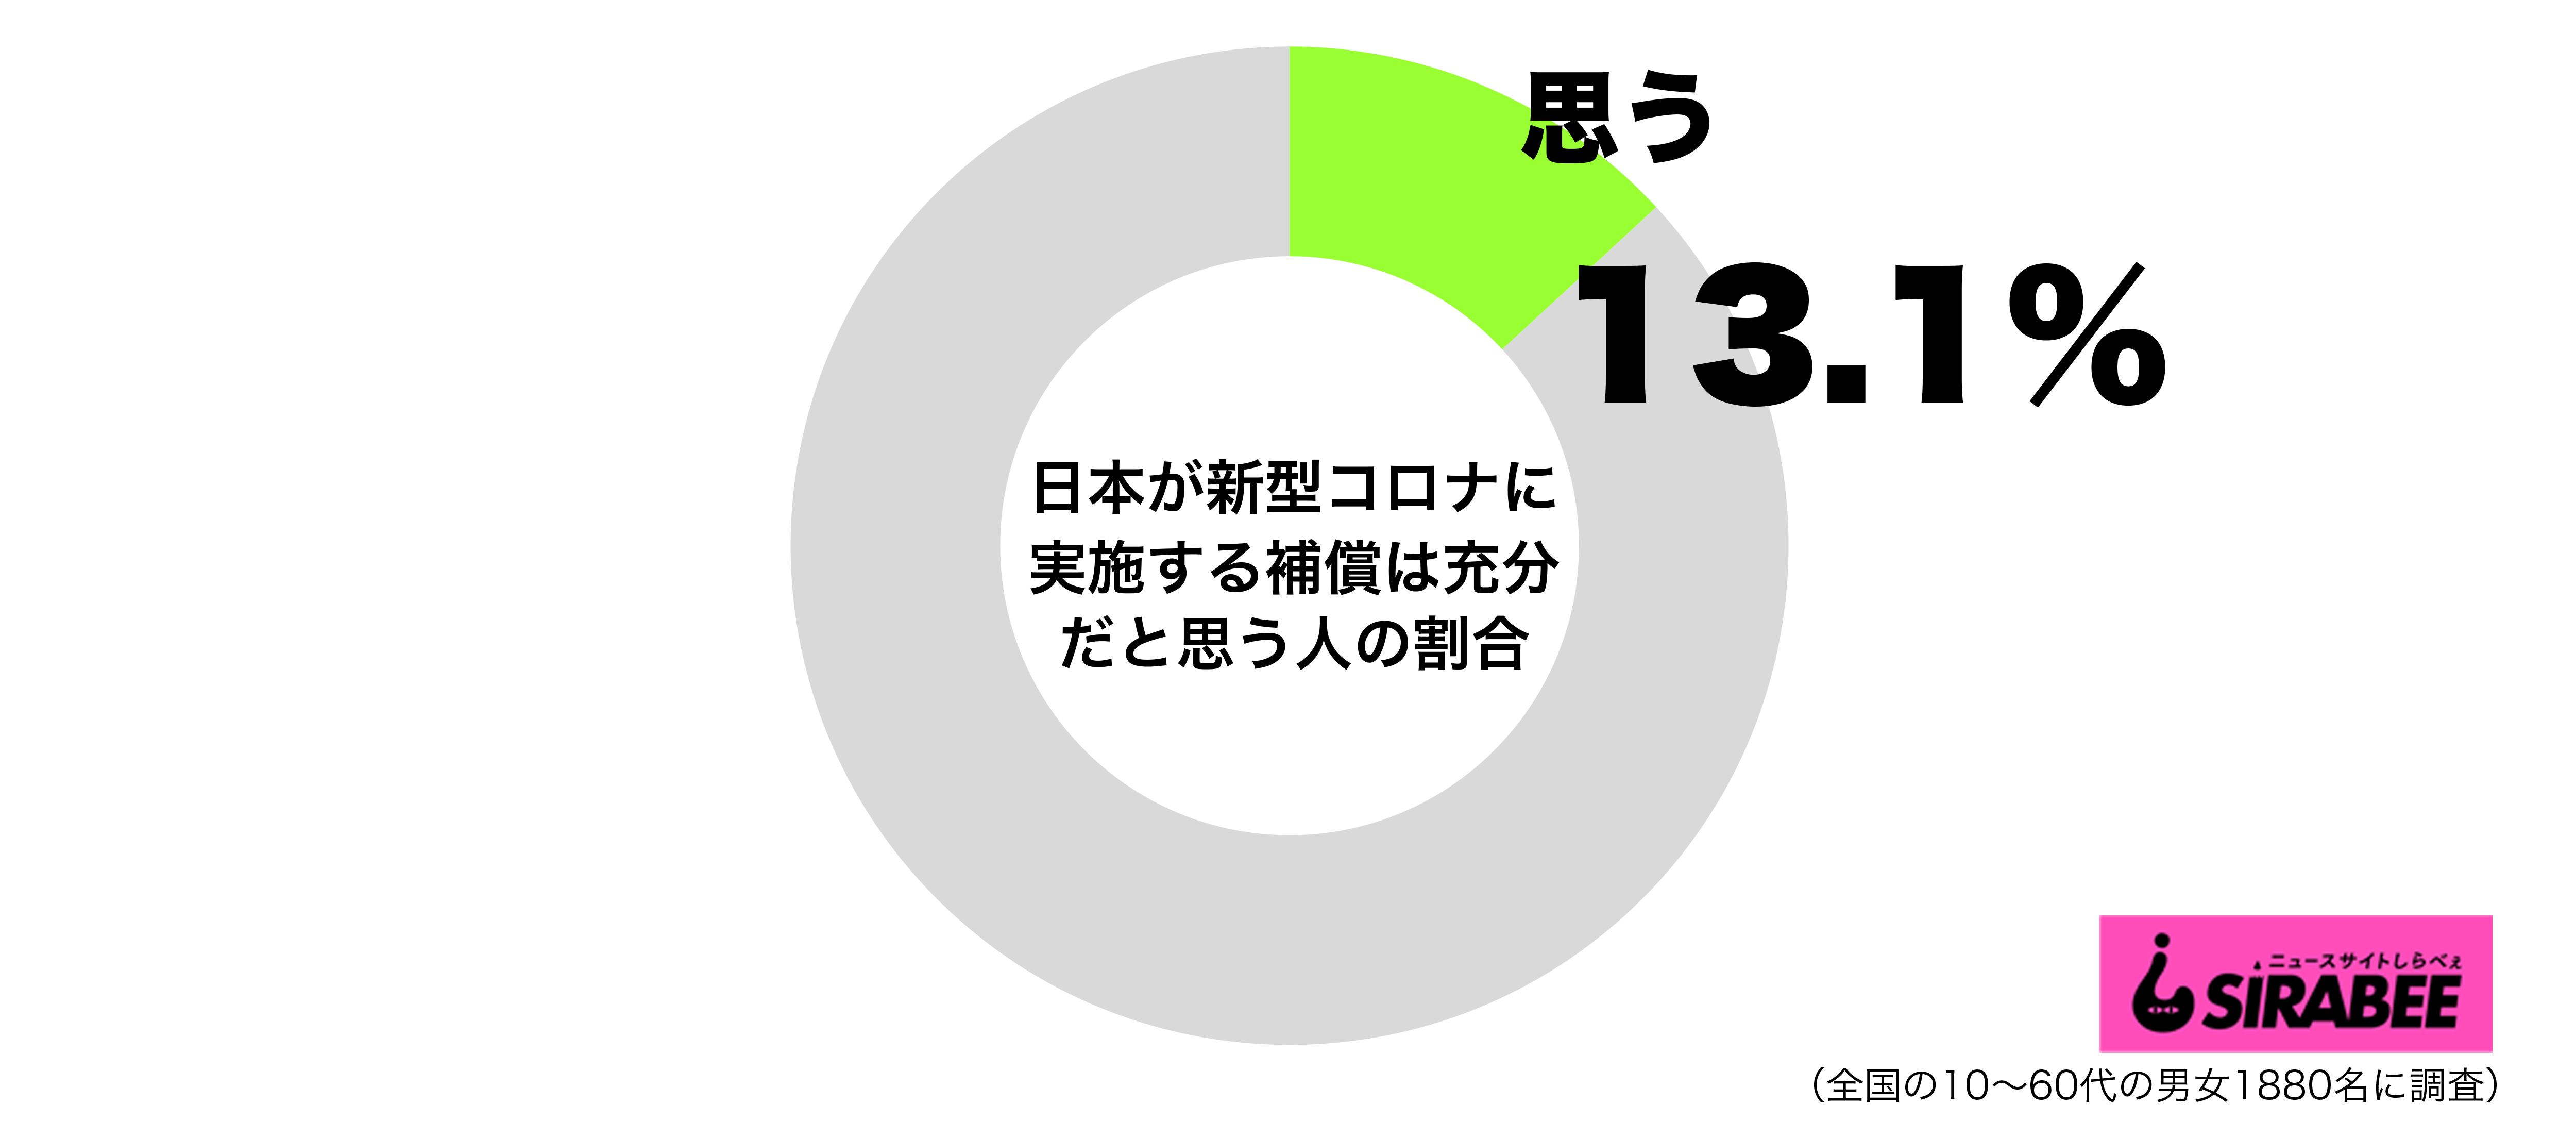 日本が新型コロナウイルスに対して実施する補償は充分だと思うグラフ